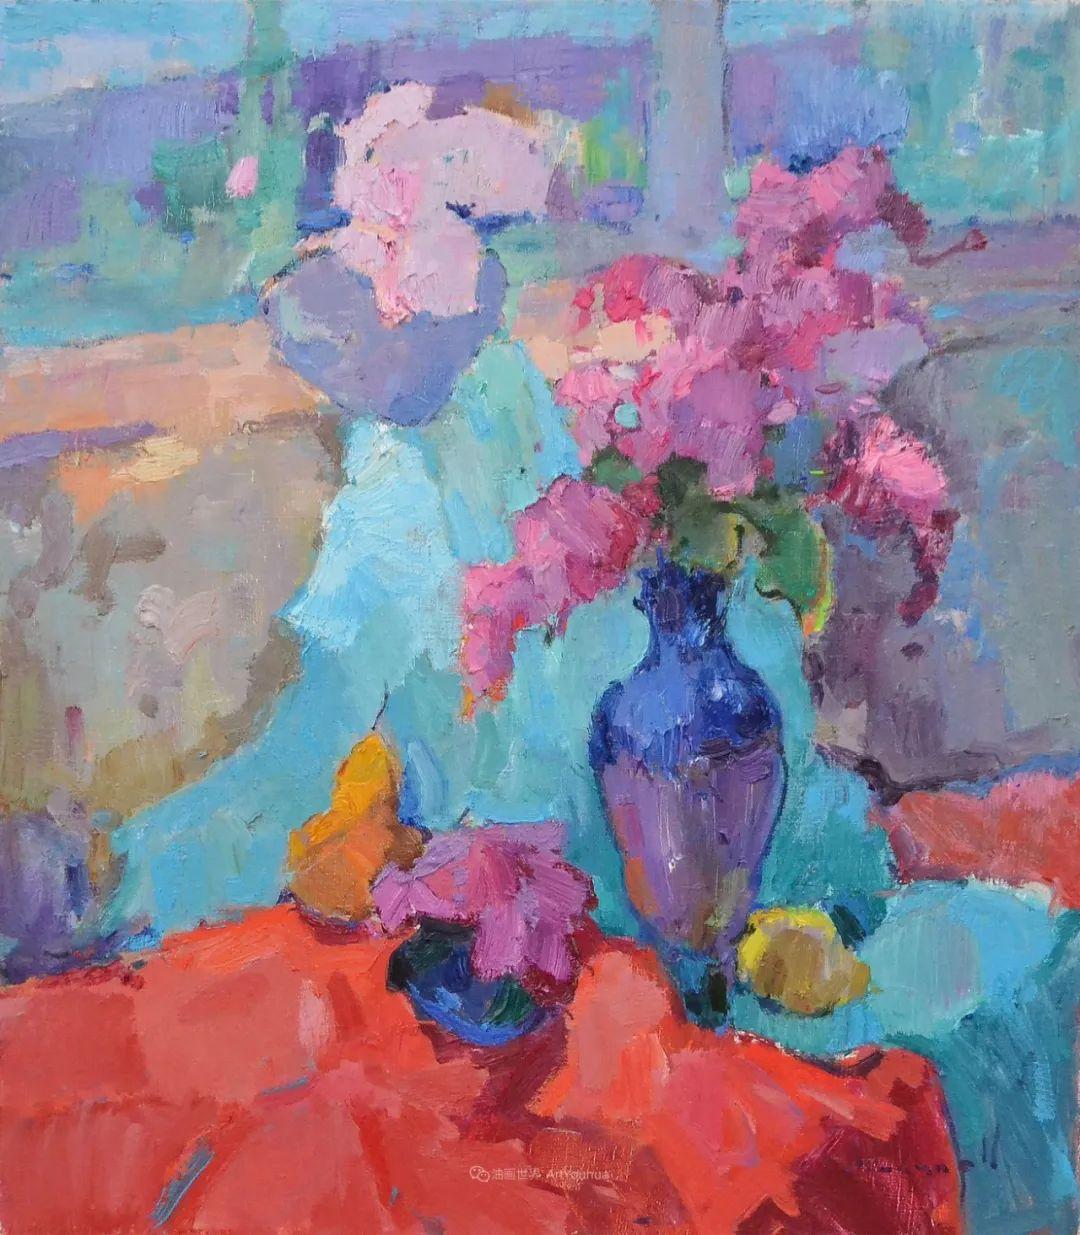 冷暖的色彩碰撞,迷人的静物与花卉作品!插图120